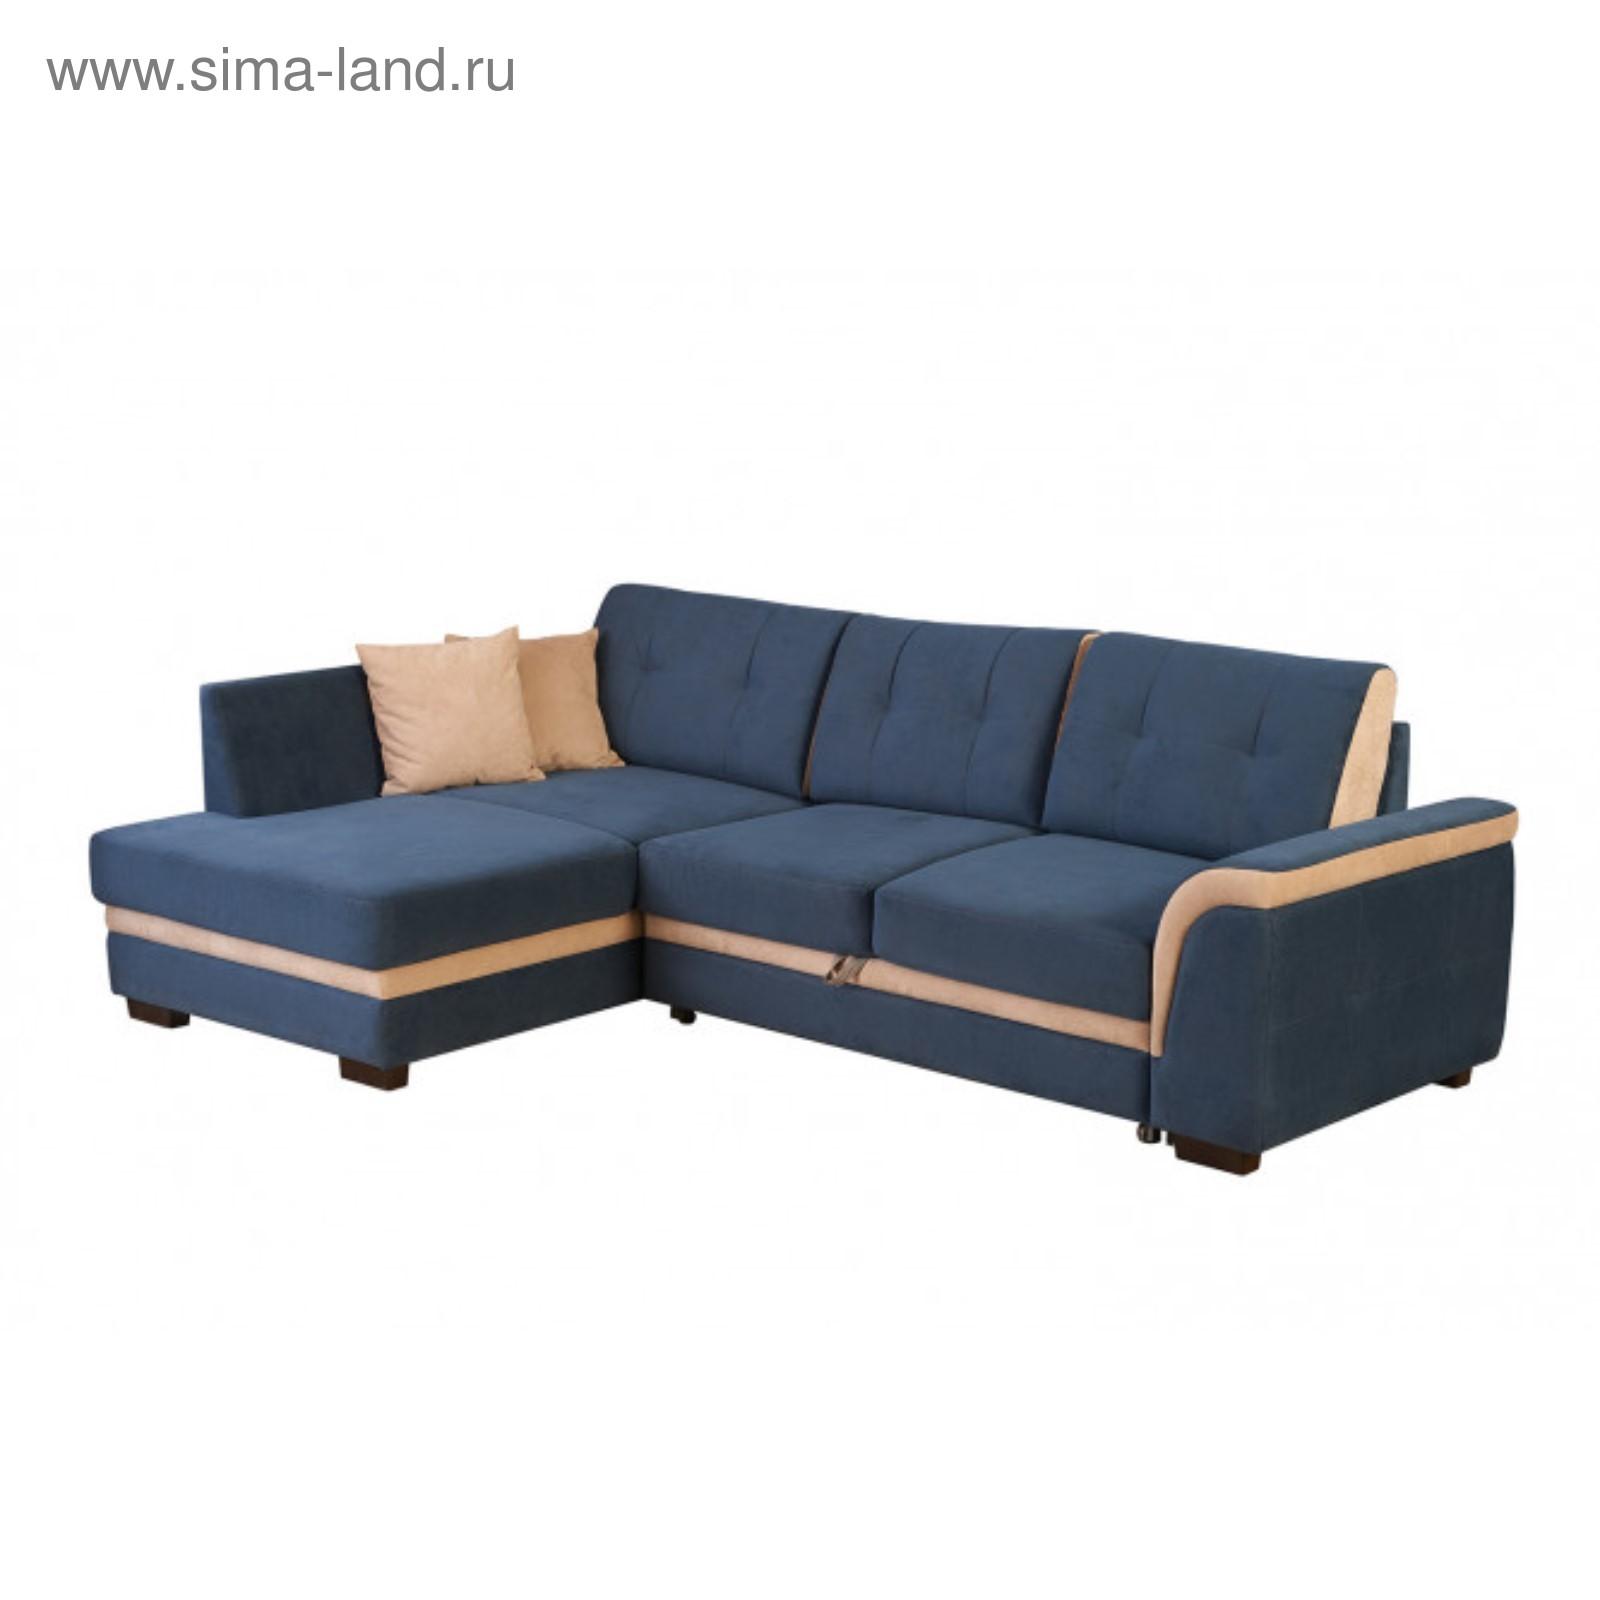 Угловой диван синего цвета с цветами